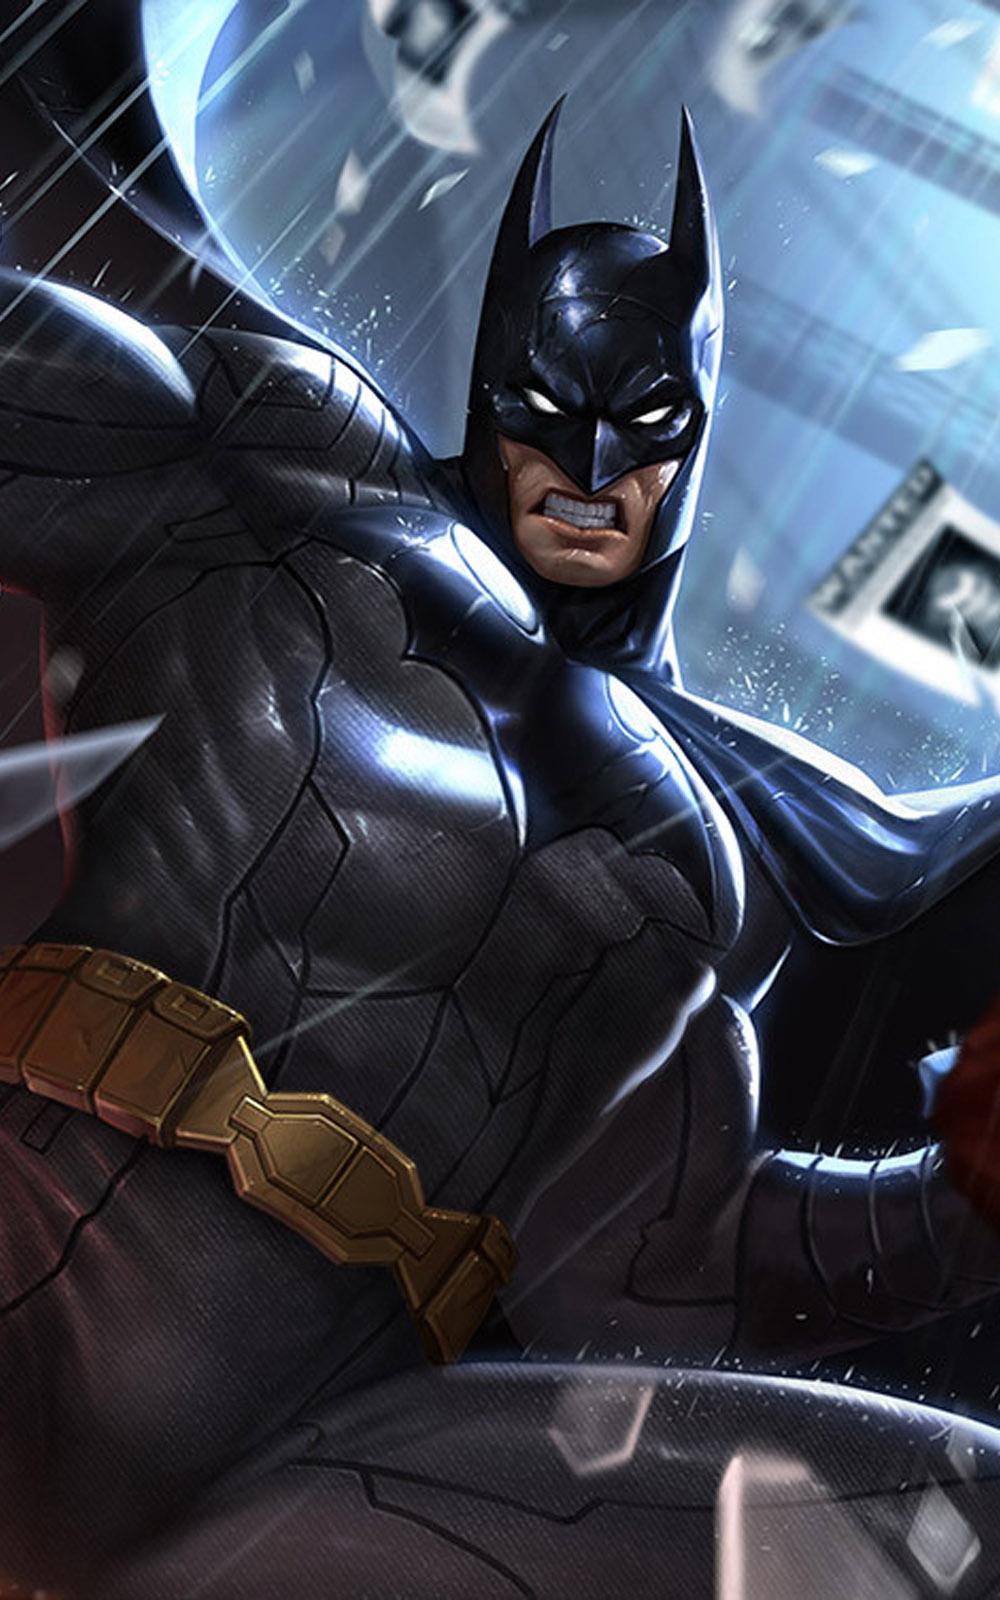 Wonderful Wallpaper Mobile Batman - Batman-Arena-of-Valor-HD-Mobile-Wallpaper  Pic_365965.jpg